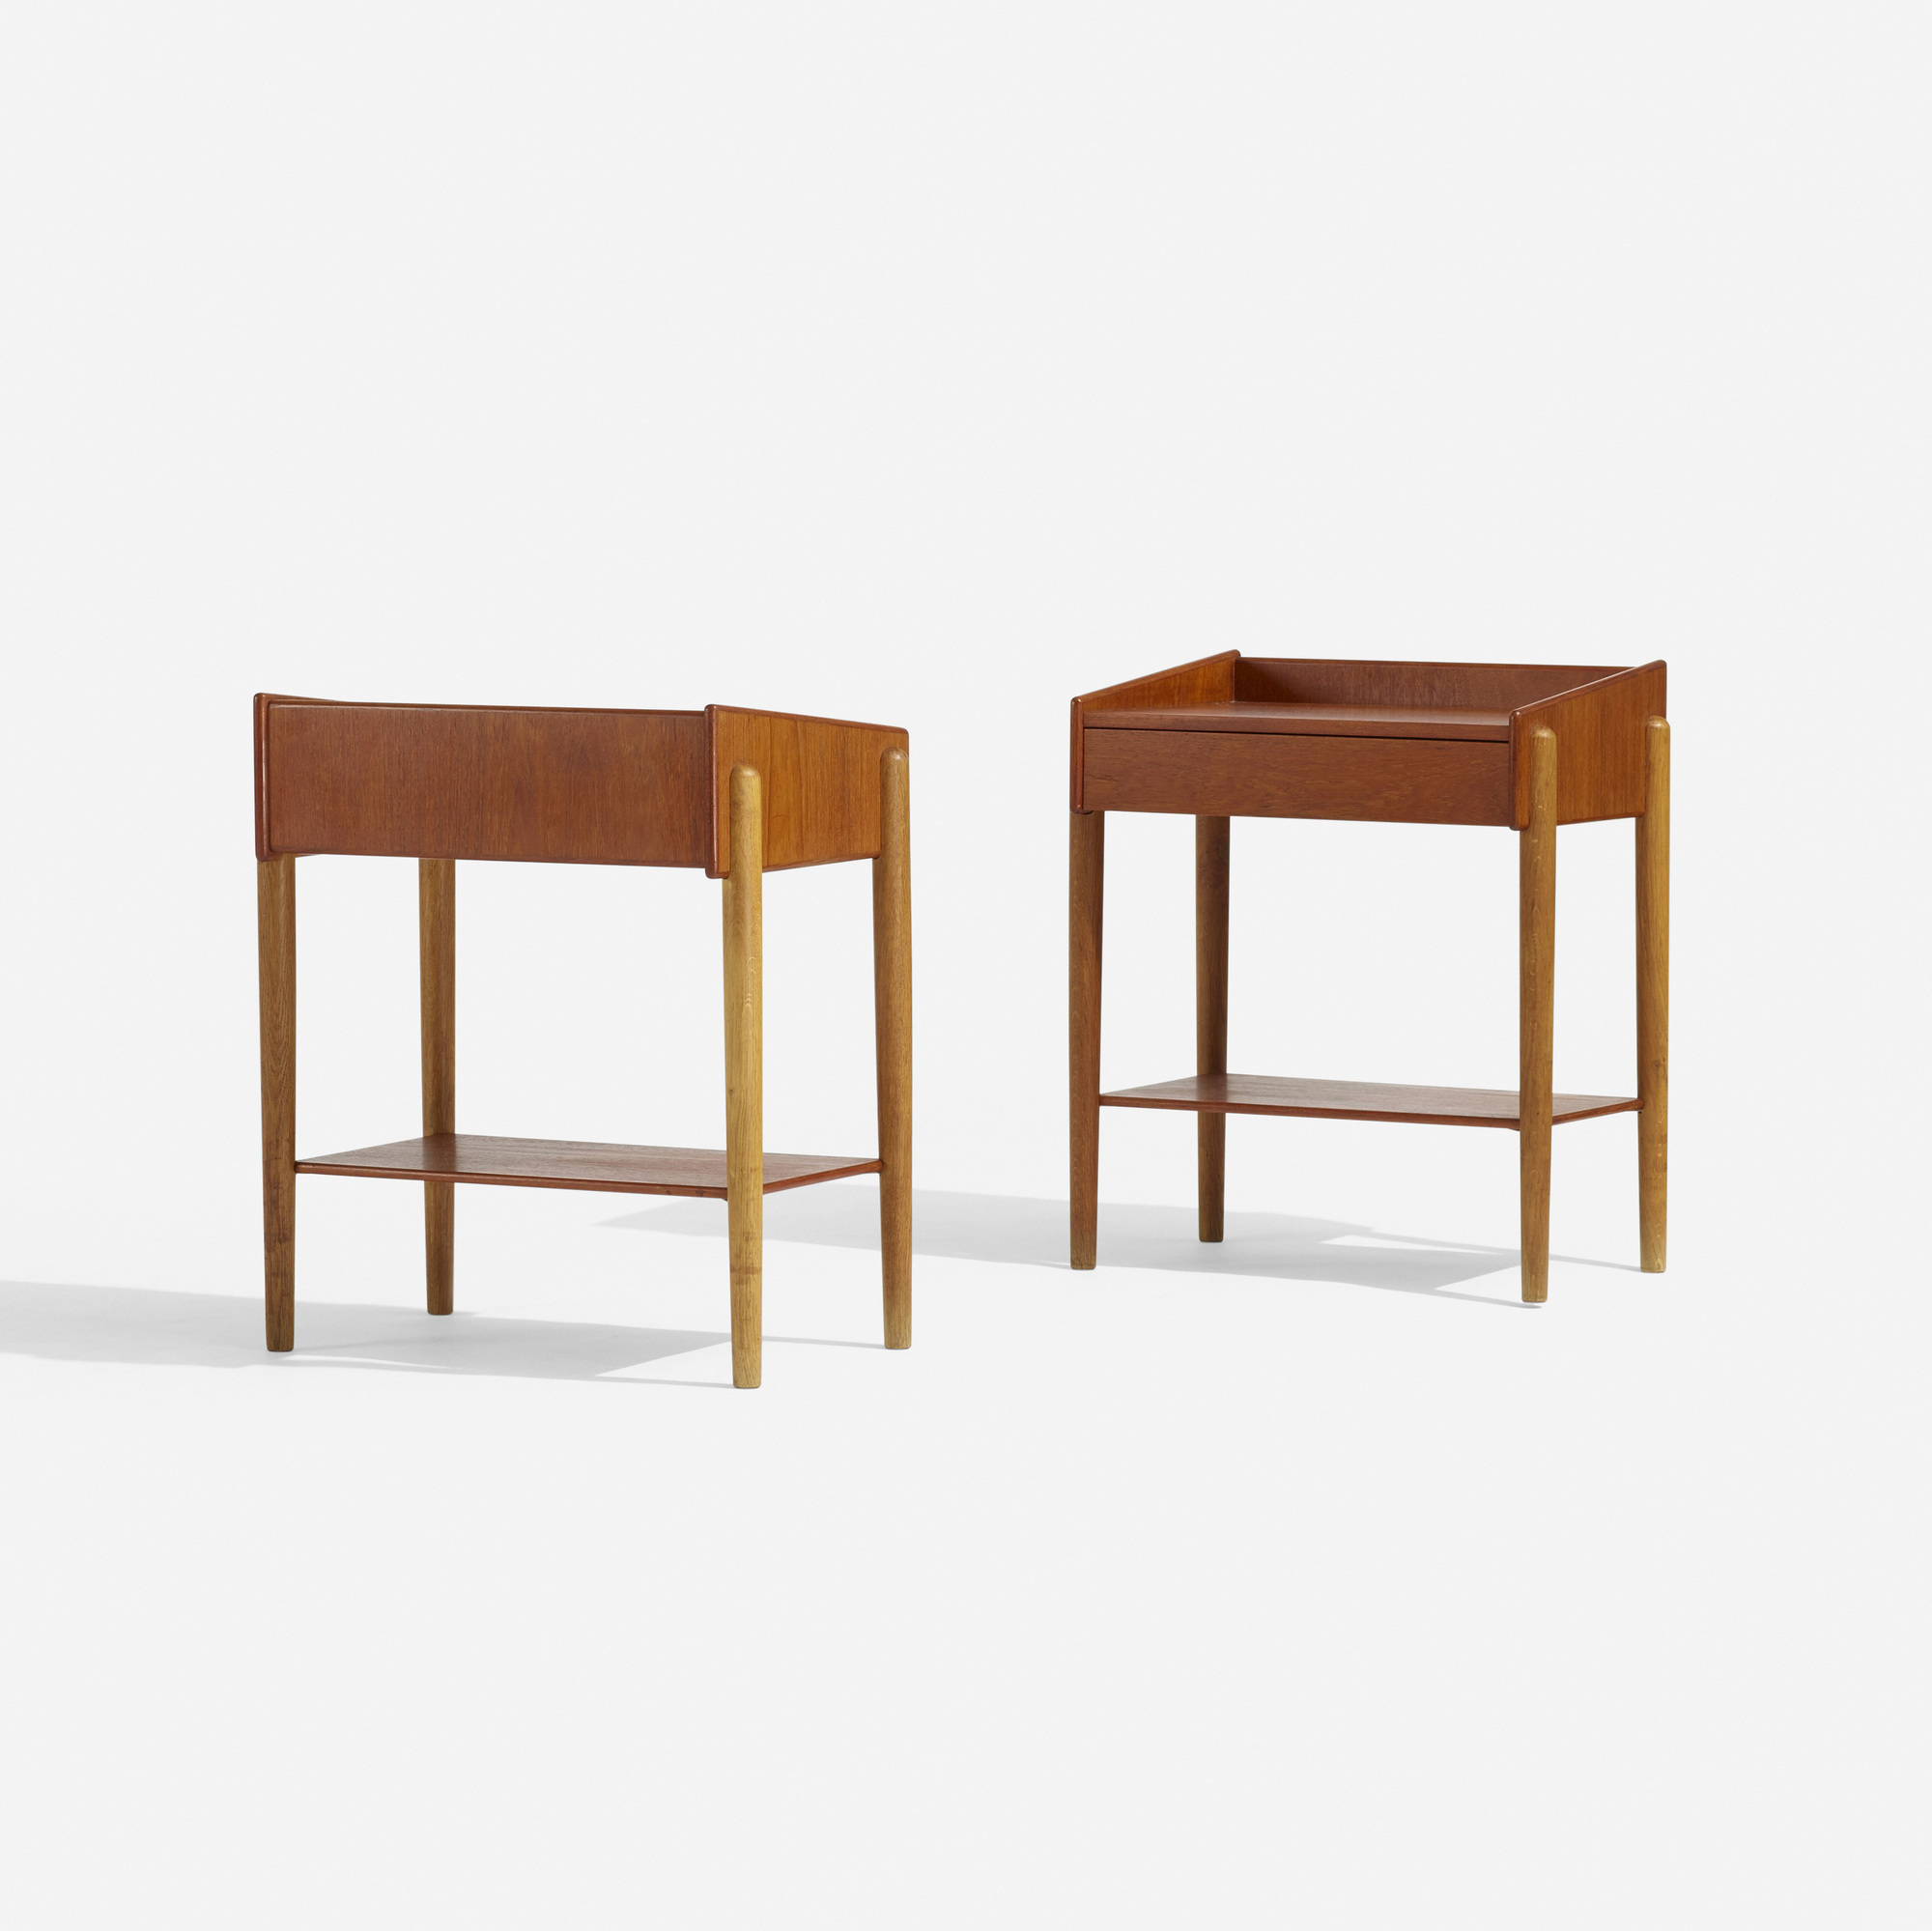 131: Børge Mogensen / nightstands model 148, pair (2 of 2)